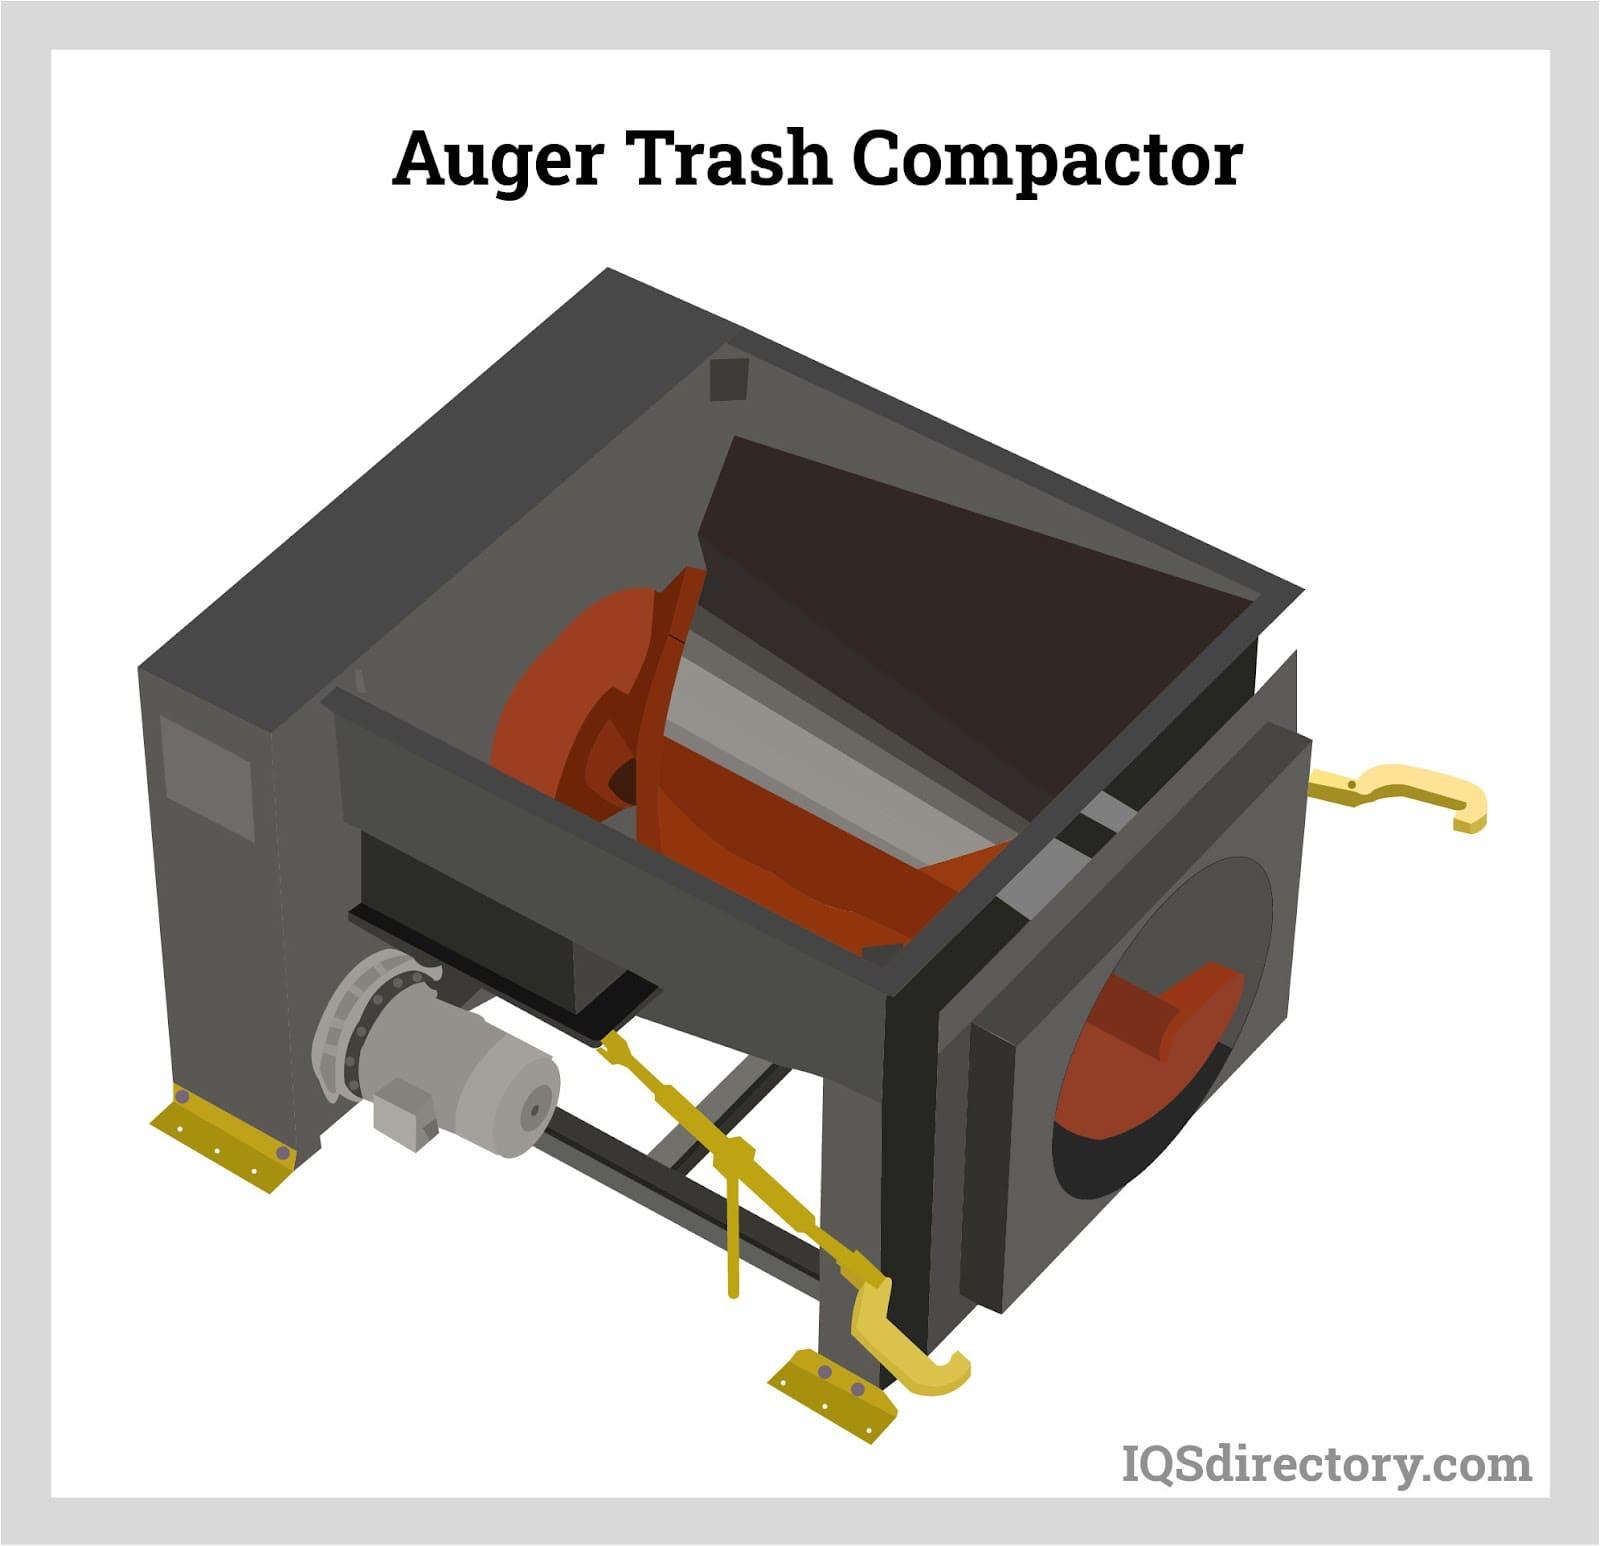 Auger Trash Compactor